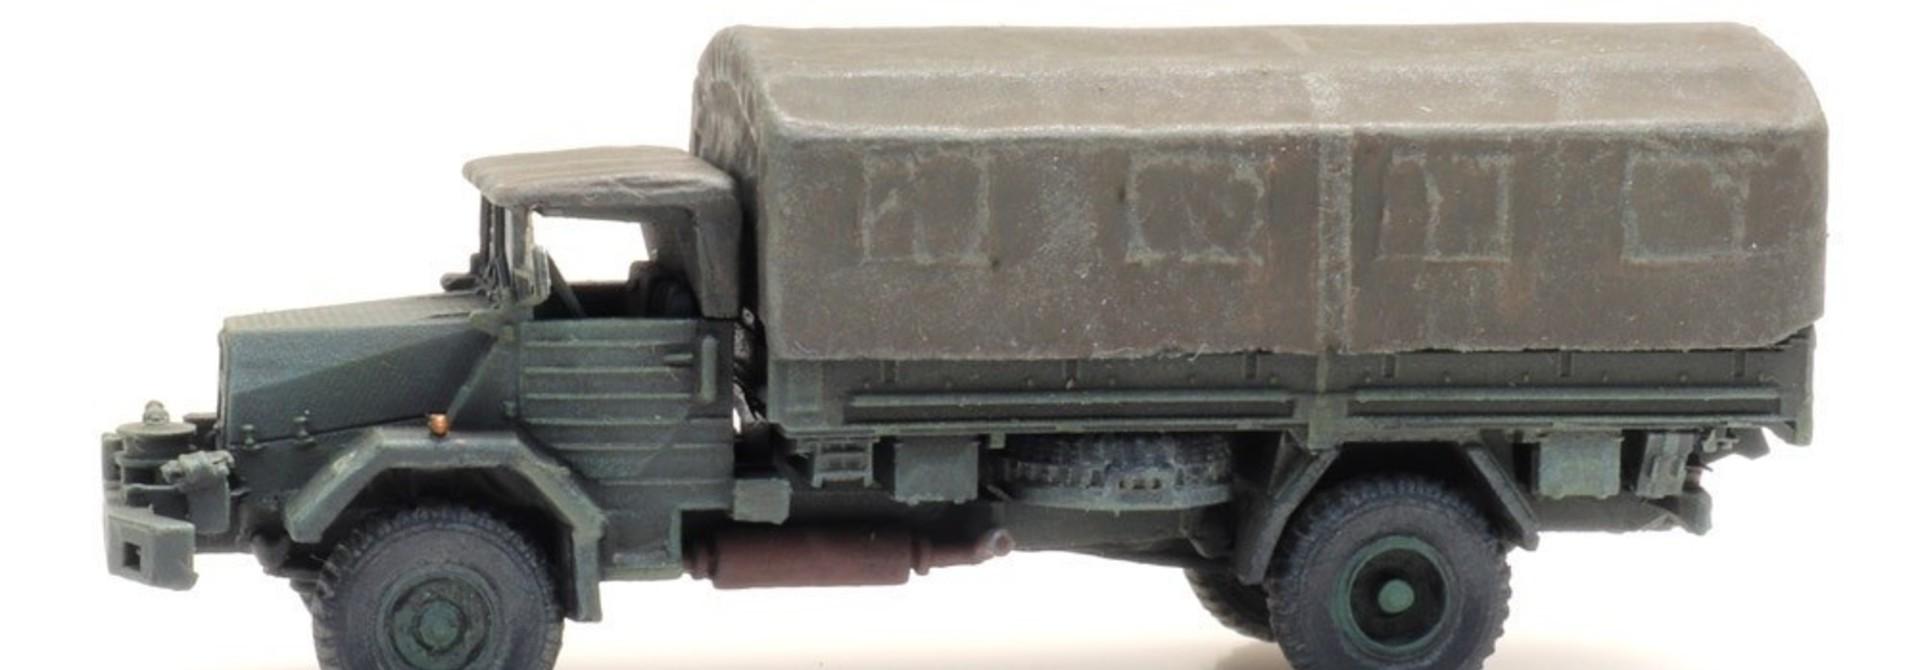 6160085 BRD MAN 630 L2 AE Cargo